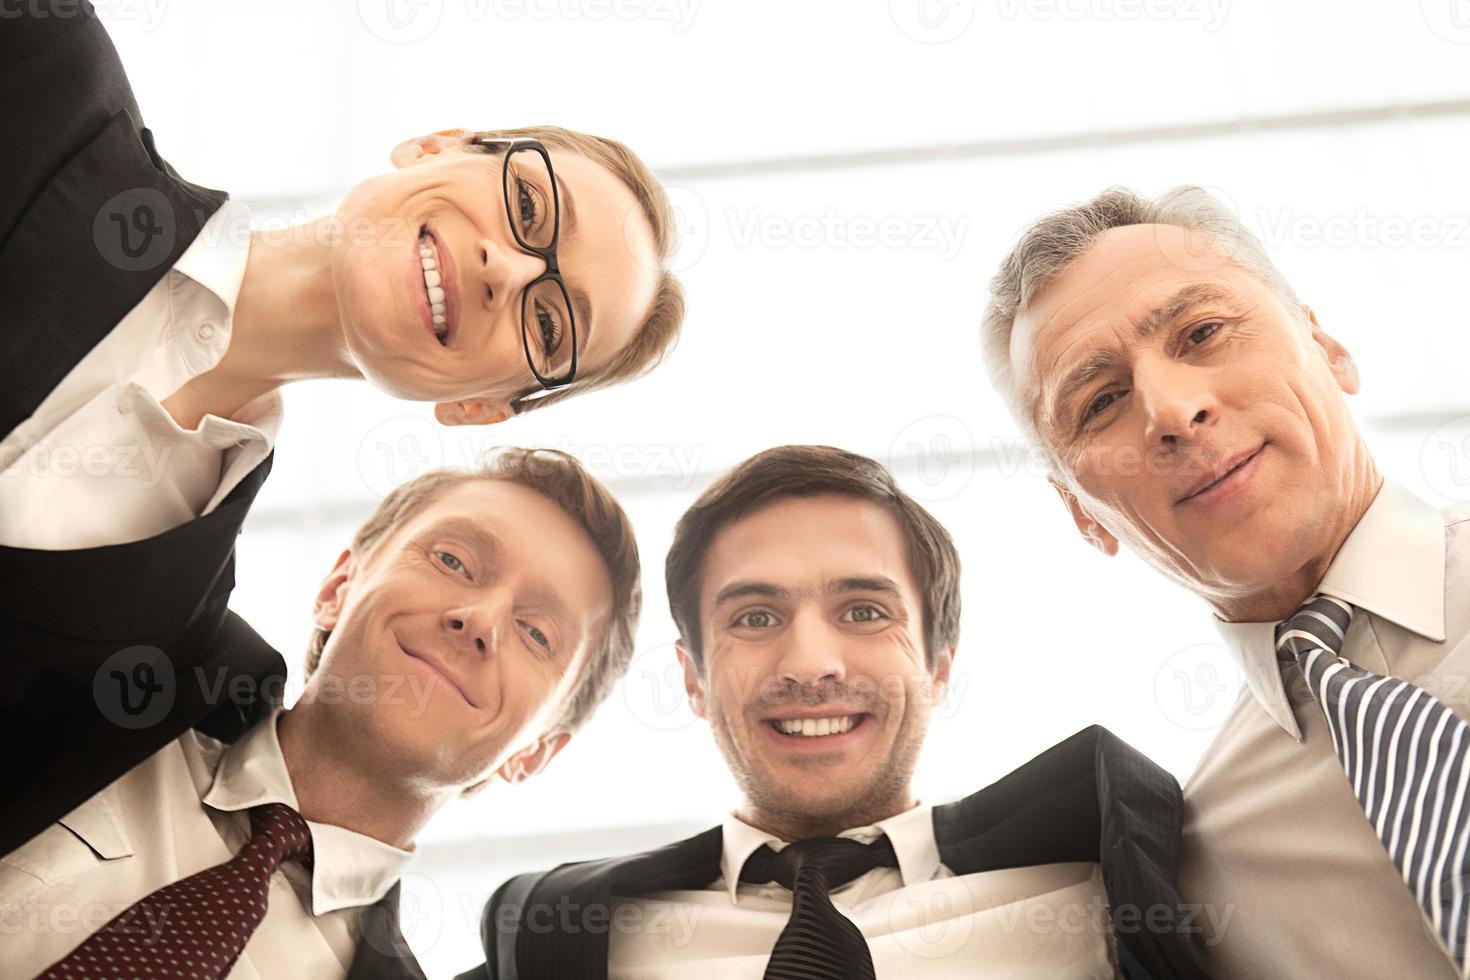 nous sommes une équipe commerciale solide. photo